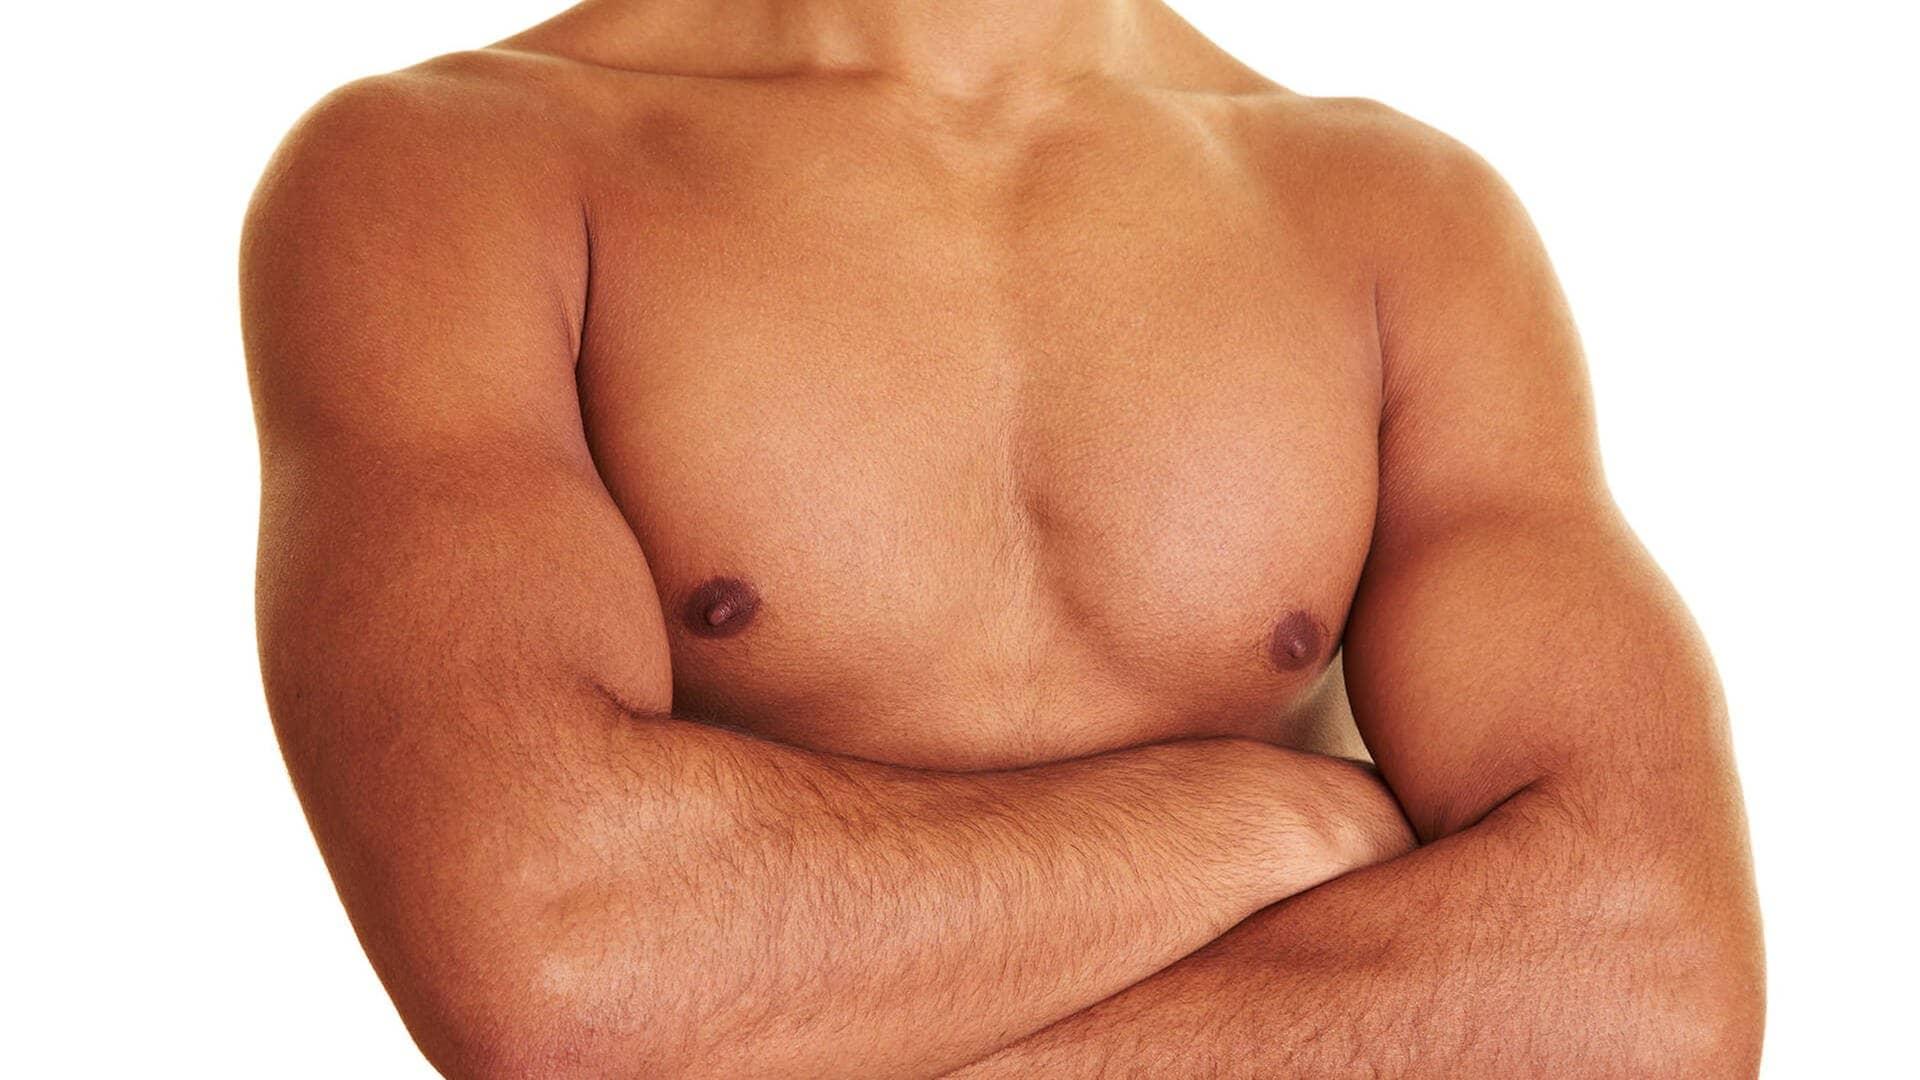 Brustwarze männliche Männerbrüste: Wie